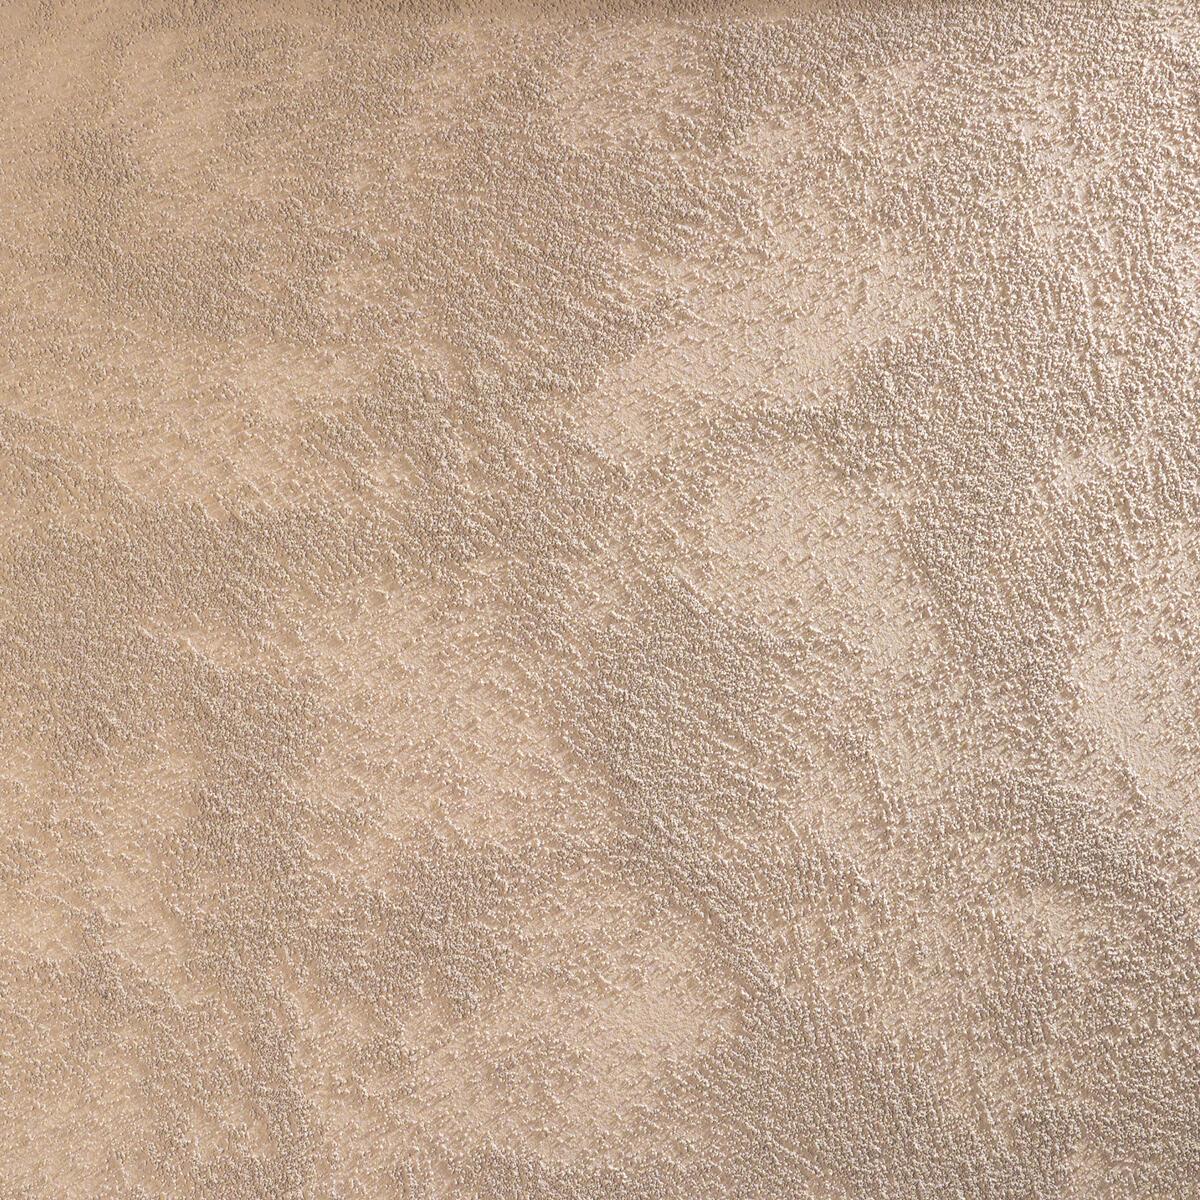 Pittura decorativa effetto sabbiato marrone talpa 5 2 l GECKOS - 2